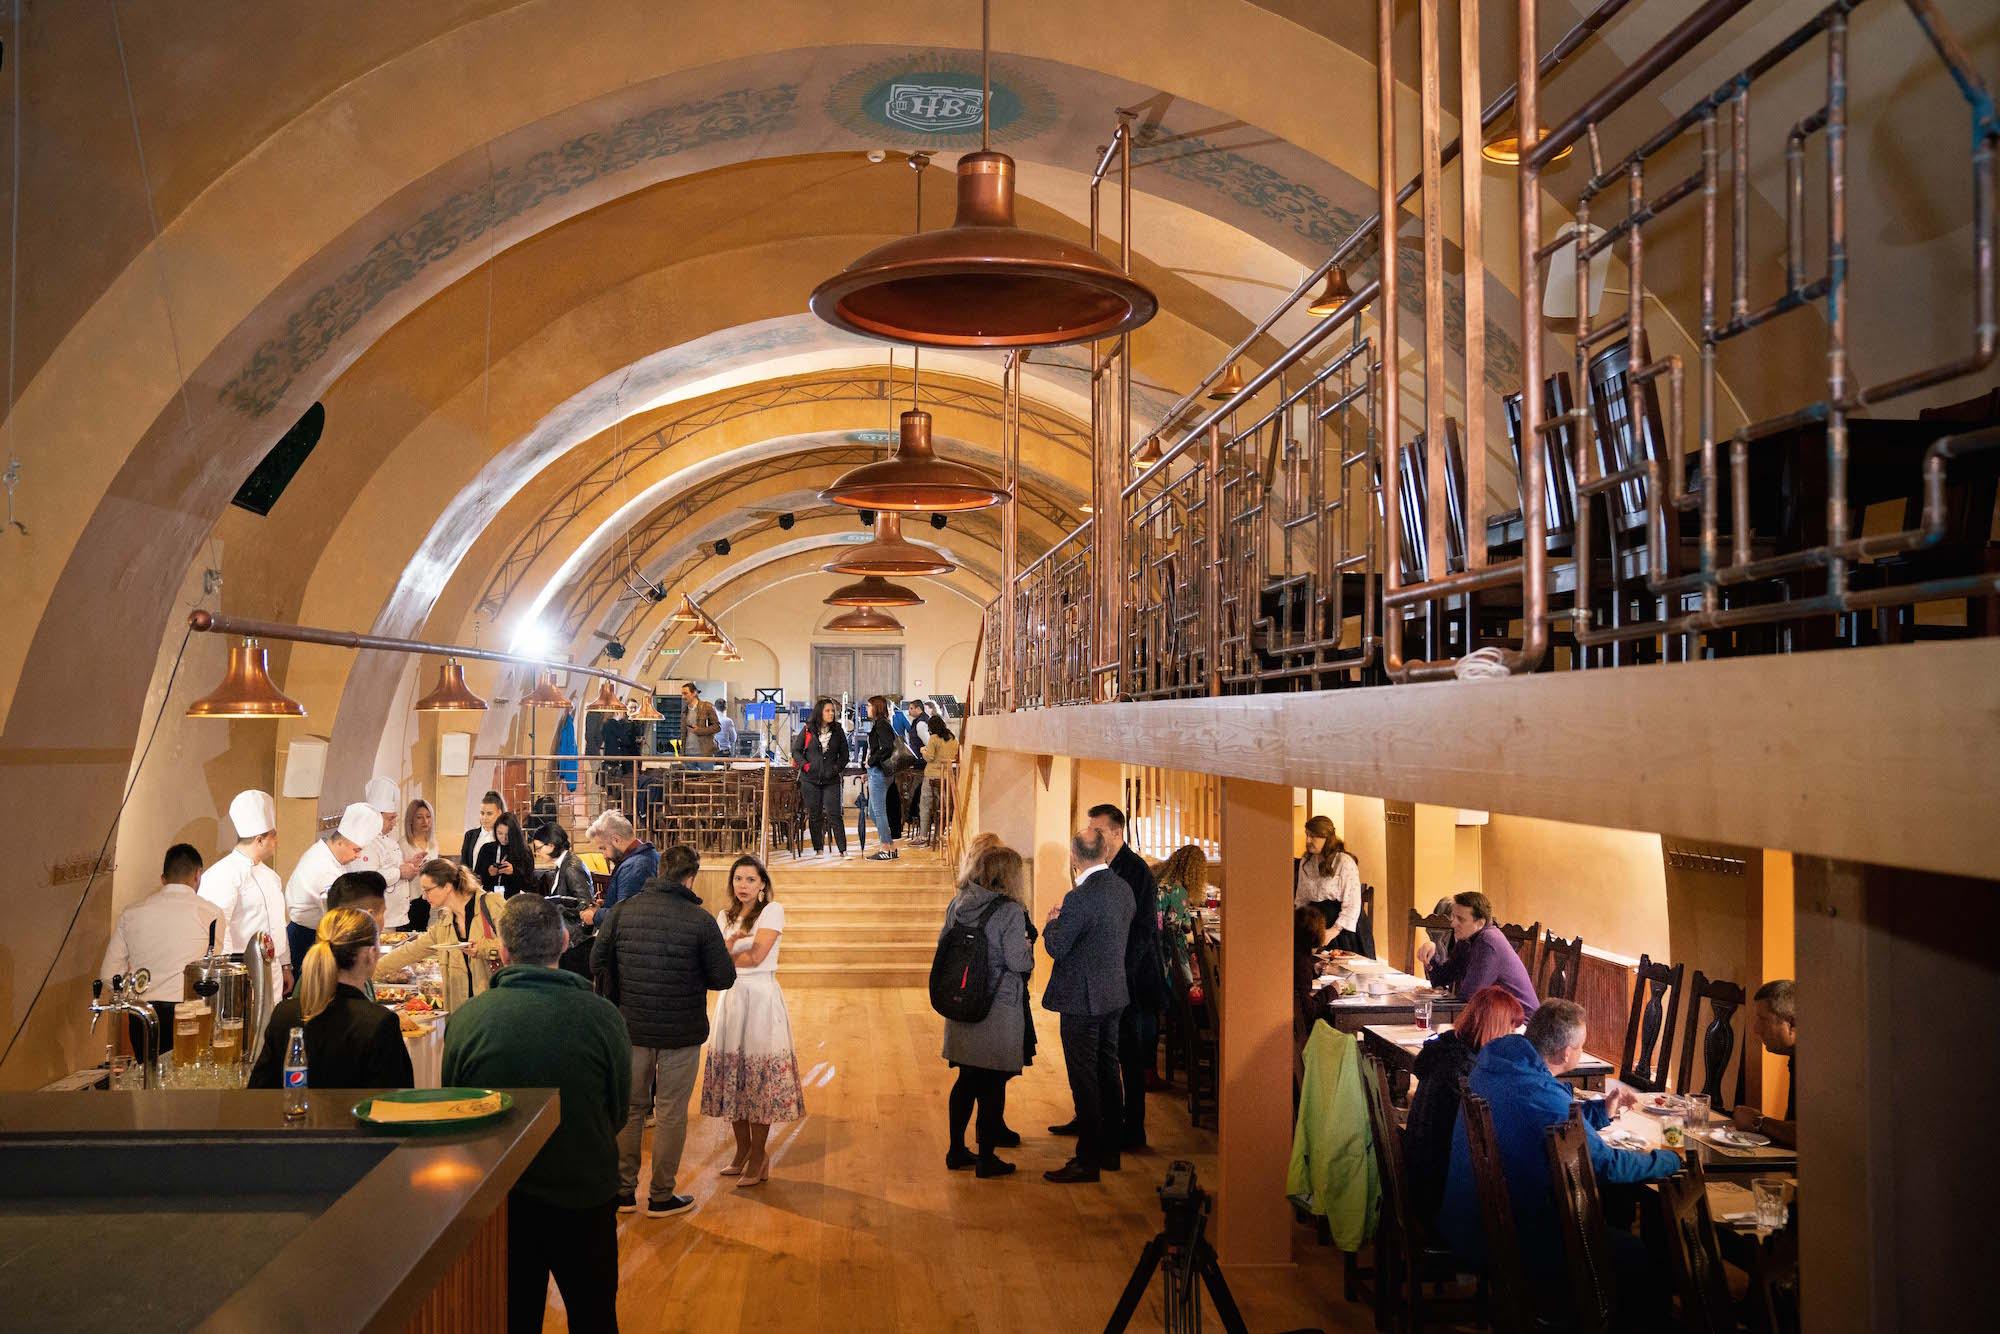 De 1 Mai, Grupul City Grill redeschide Becker Brau, operat de Hanu' Berarilor